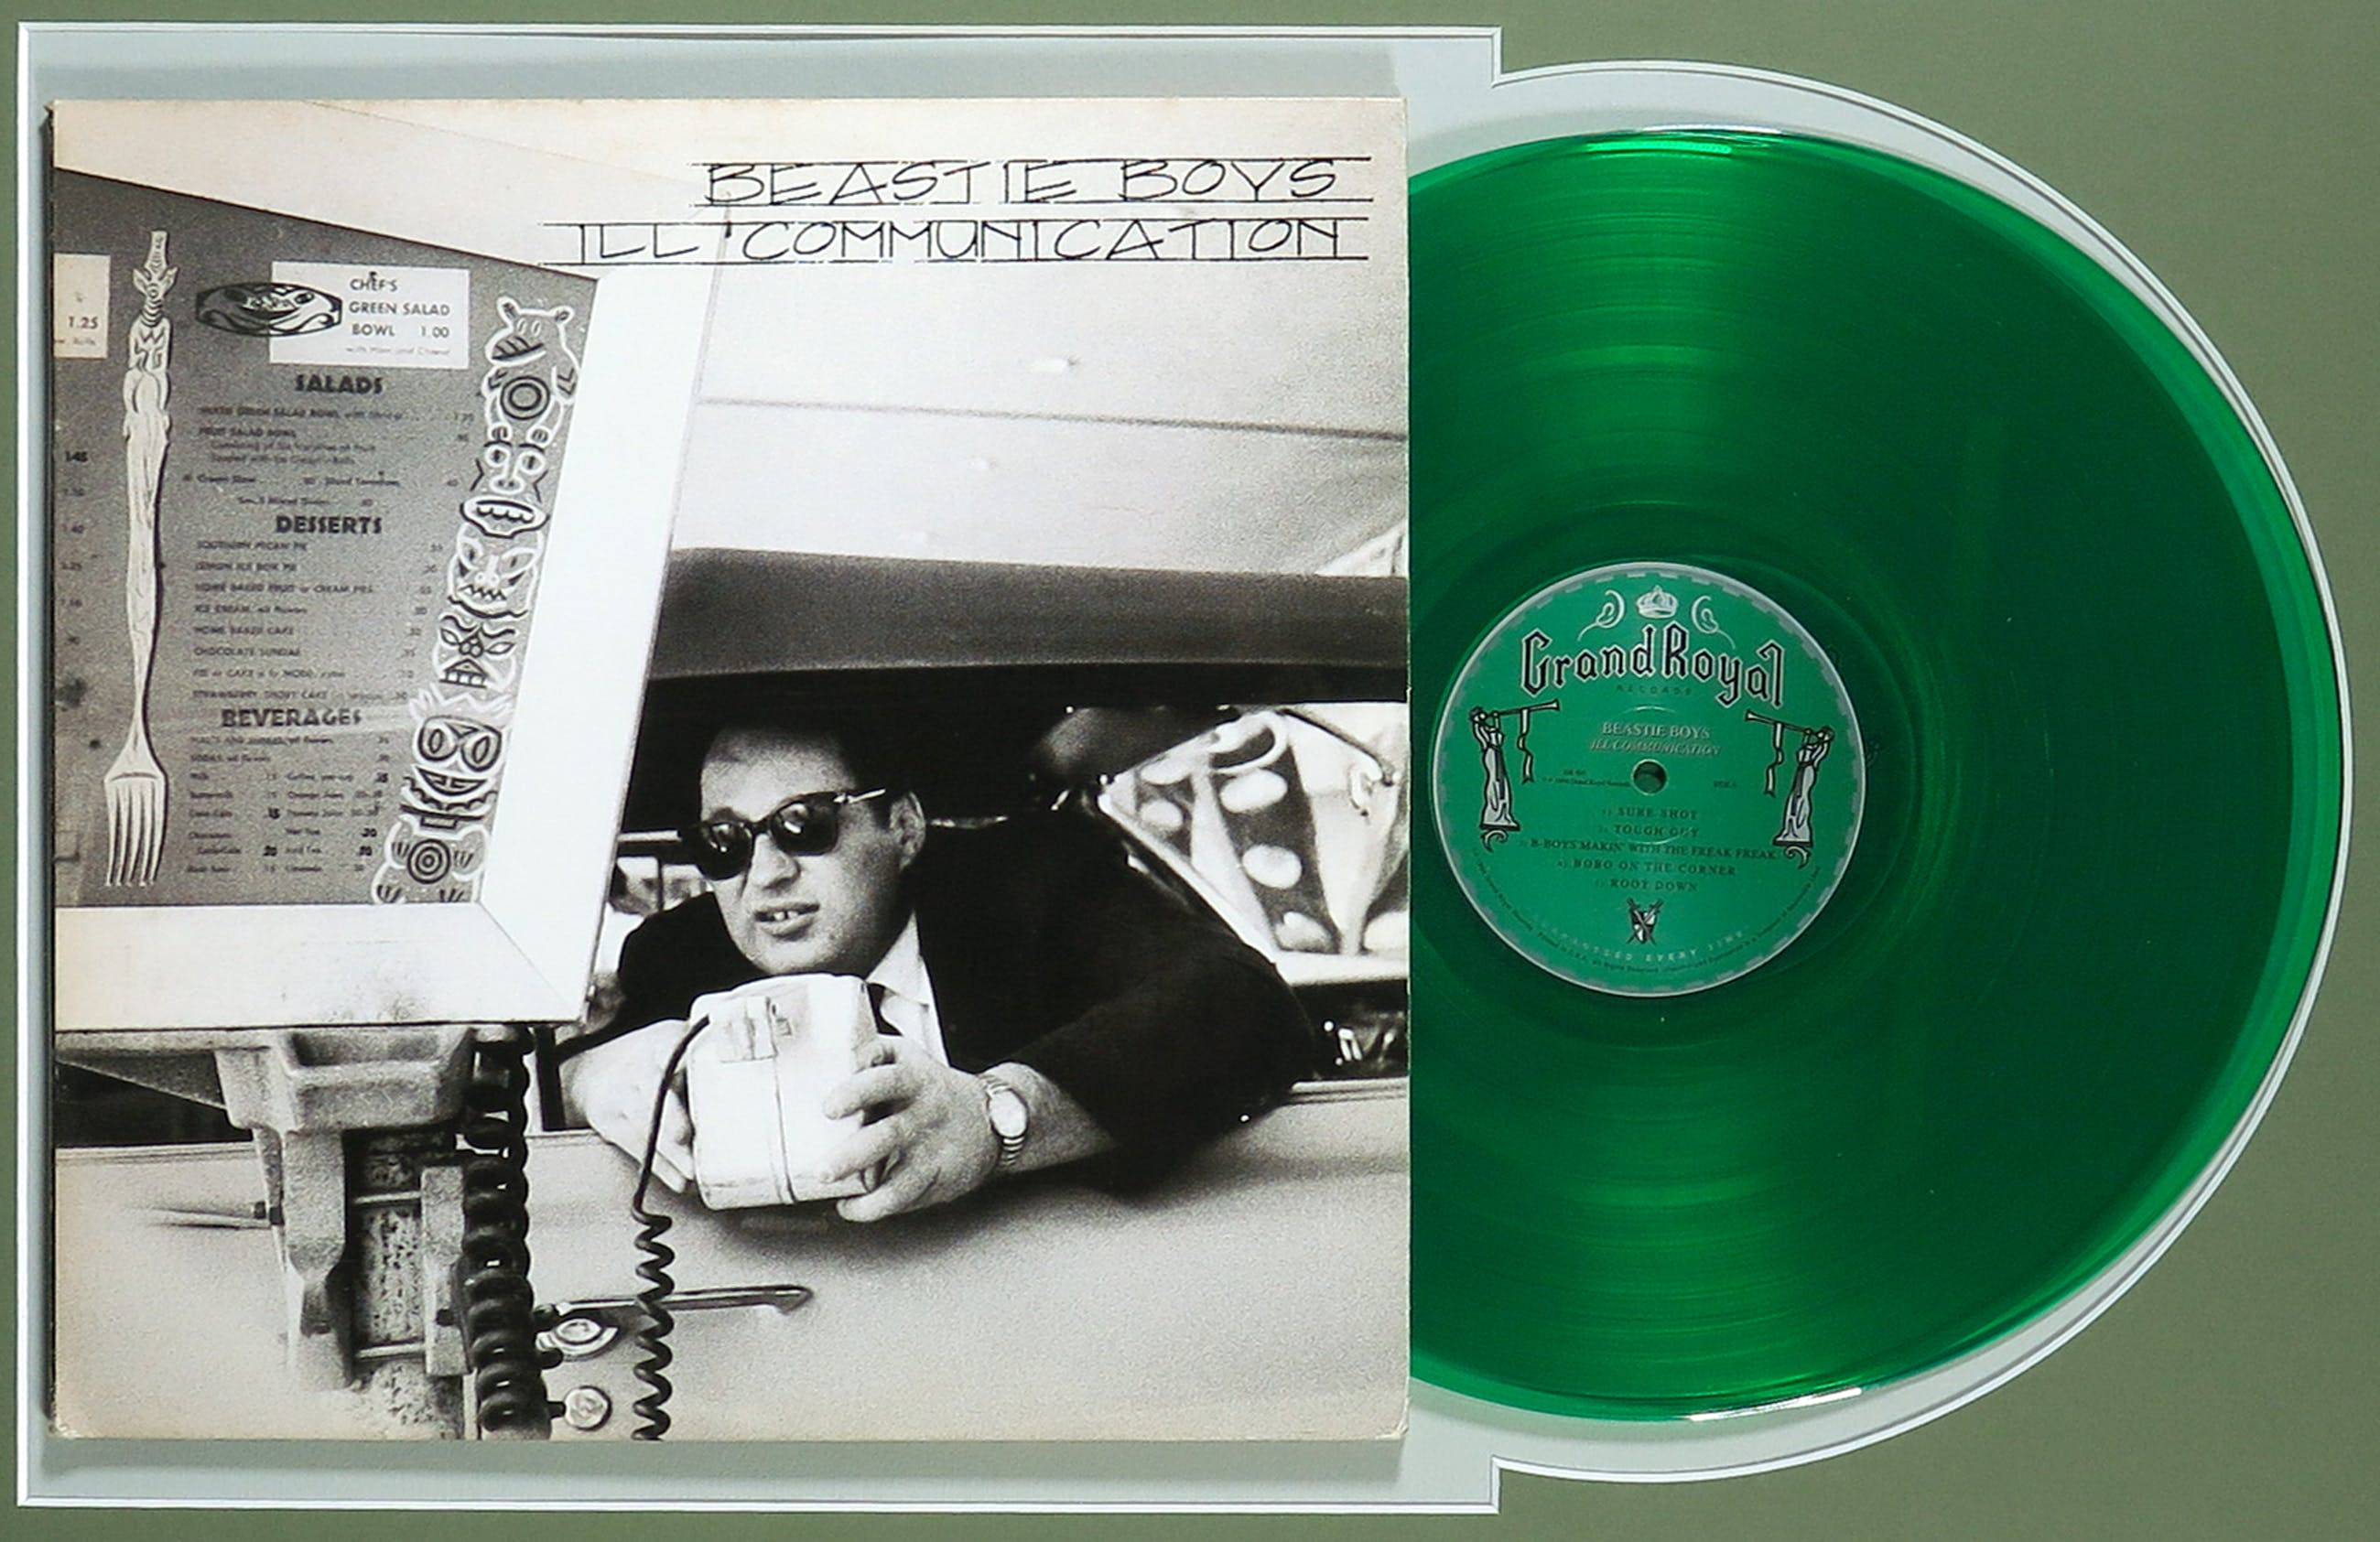 Beastie Boys - Dubbel LP Ill Communication - Groen vinyl - Ingelijst kopen? Bied vanaf 1!